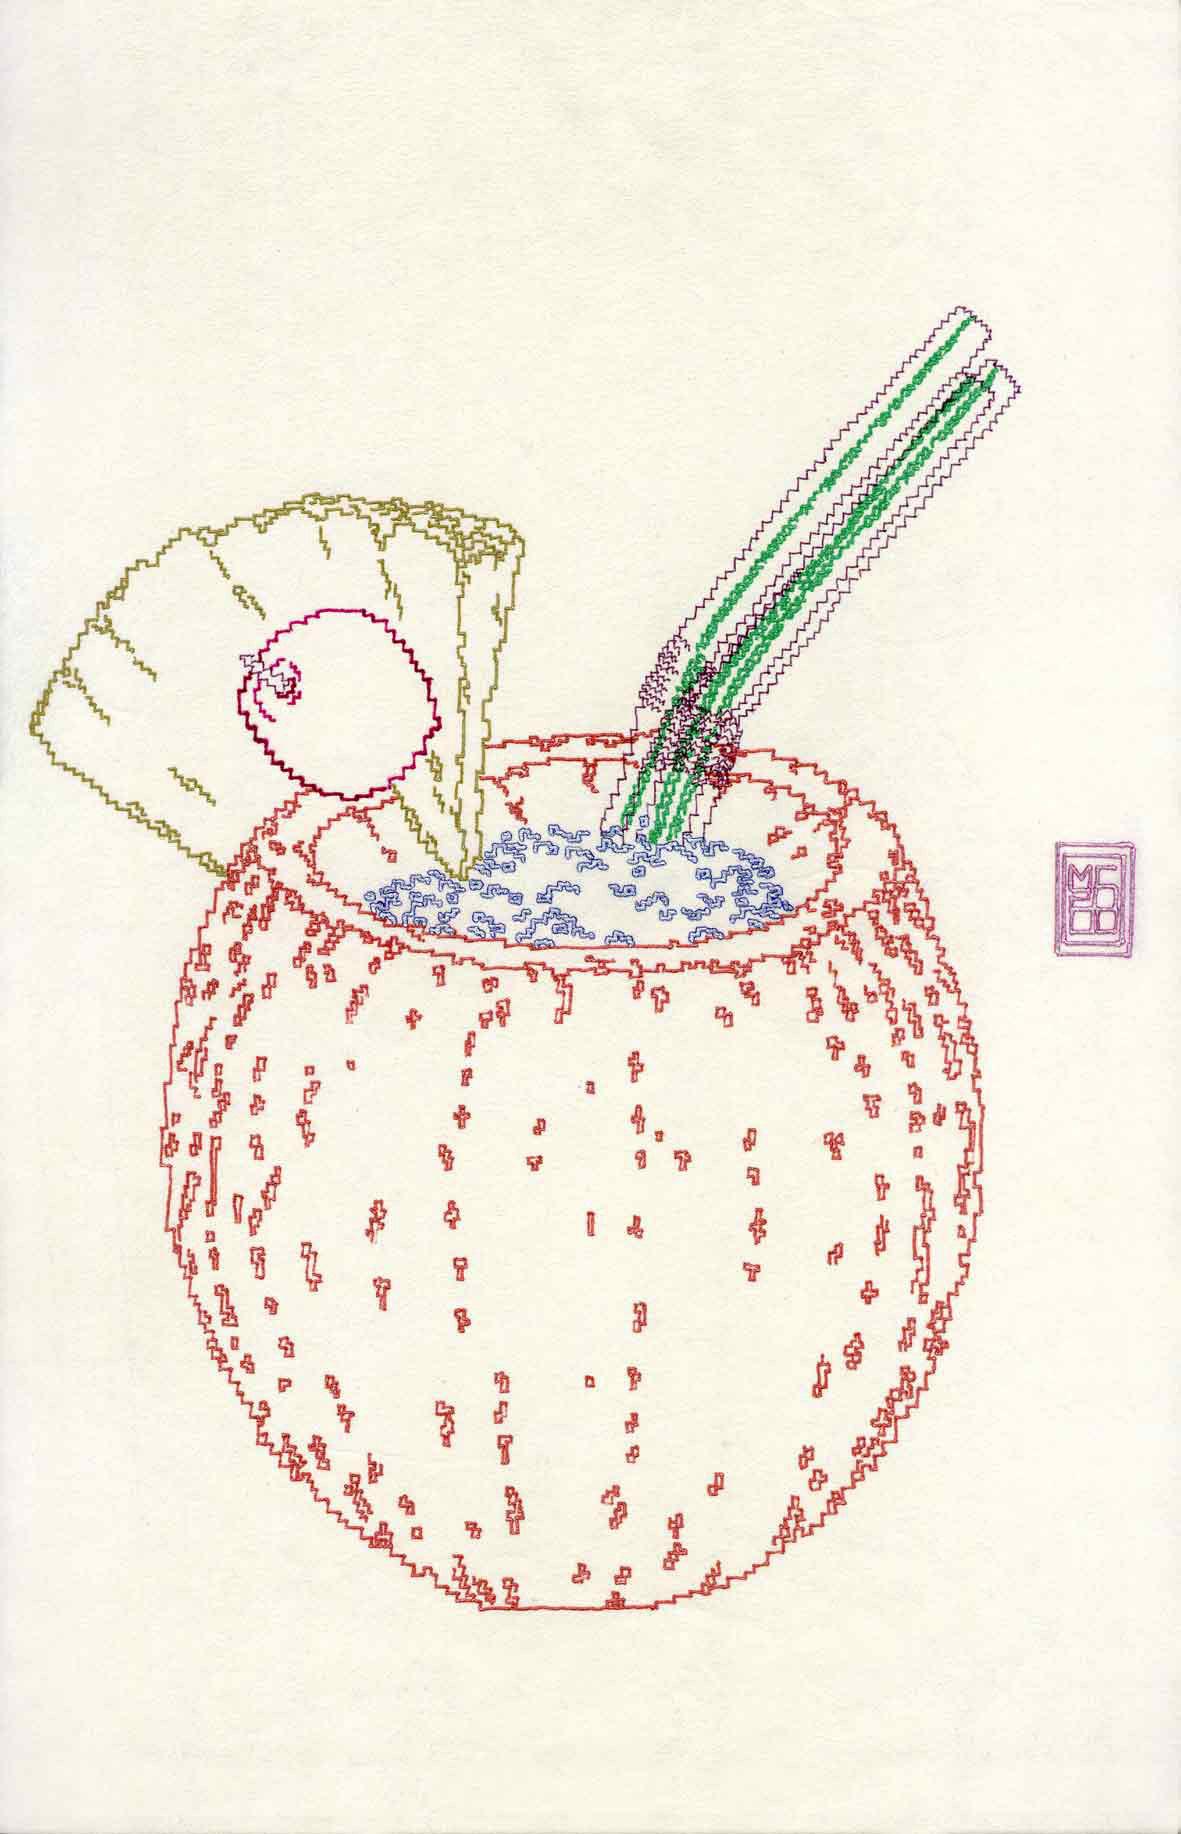 Michele Chiossi Exotica, 2000 pennarelli, carta giapponese pigmento d'argento, penna biro A4 disegno zigzag cocktail cocco cannuccia tiki Hawai